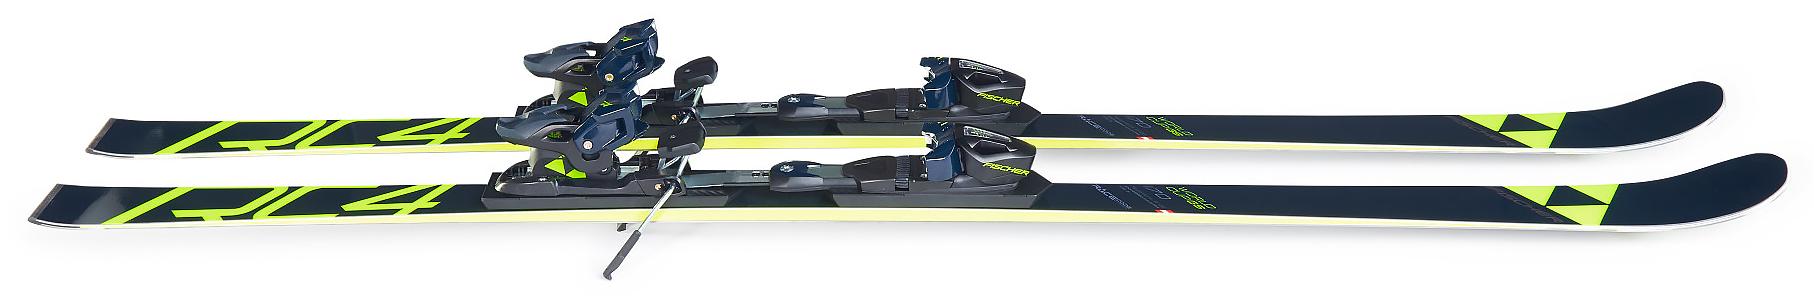 Фото Горные лыжи Fischer RC4 Worldcup GS JR. Curv Booster и крепления. 0ca27ce5c9f